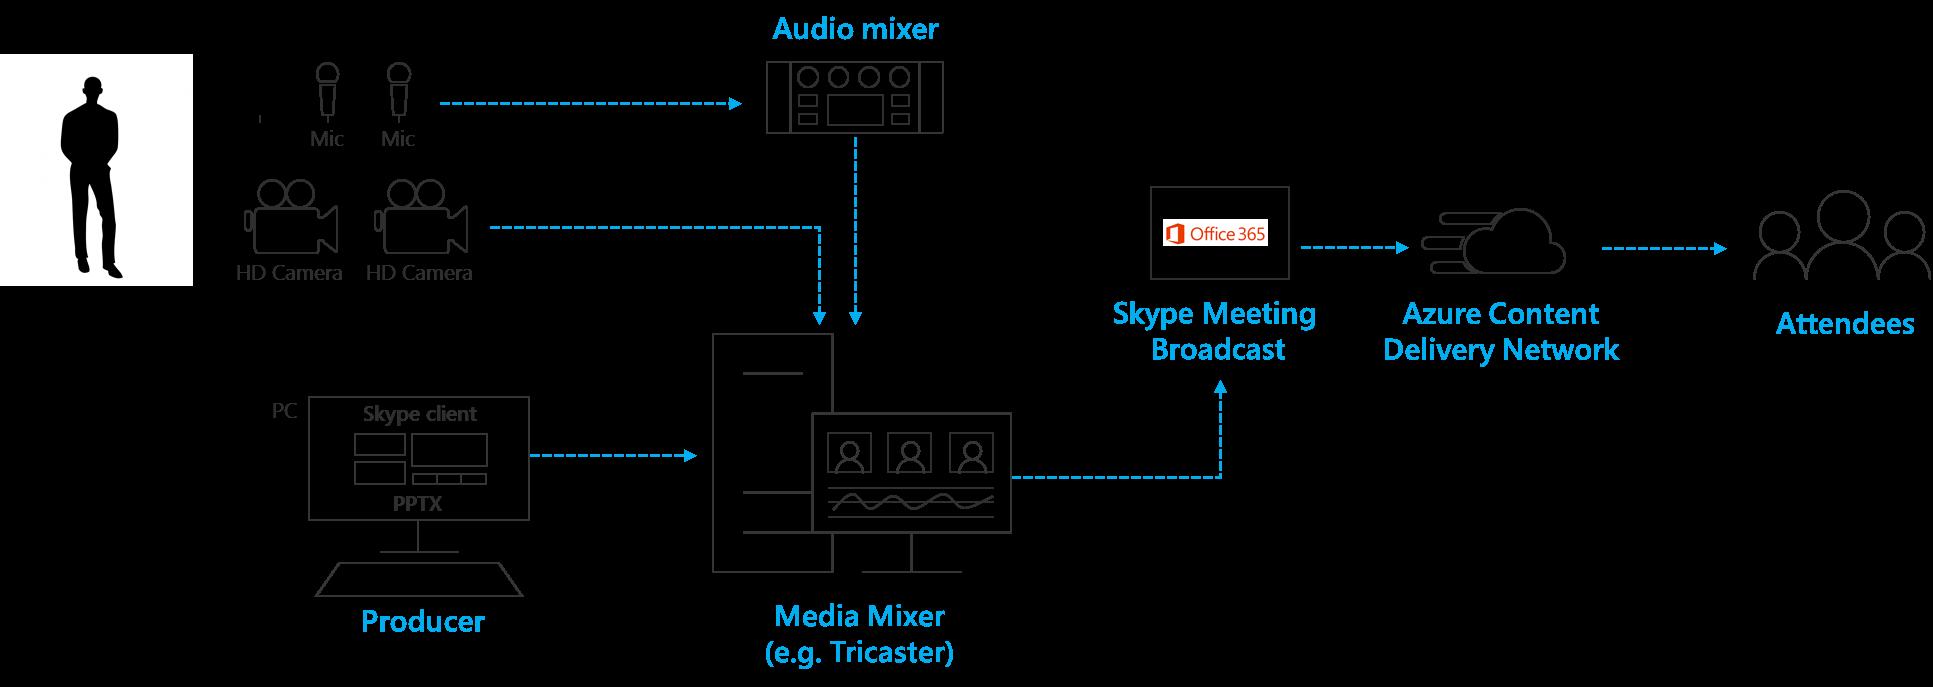 Overstappen van meerdere bronnen in een hardware vision mengen